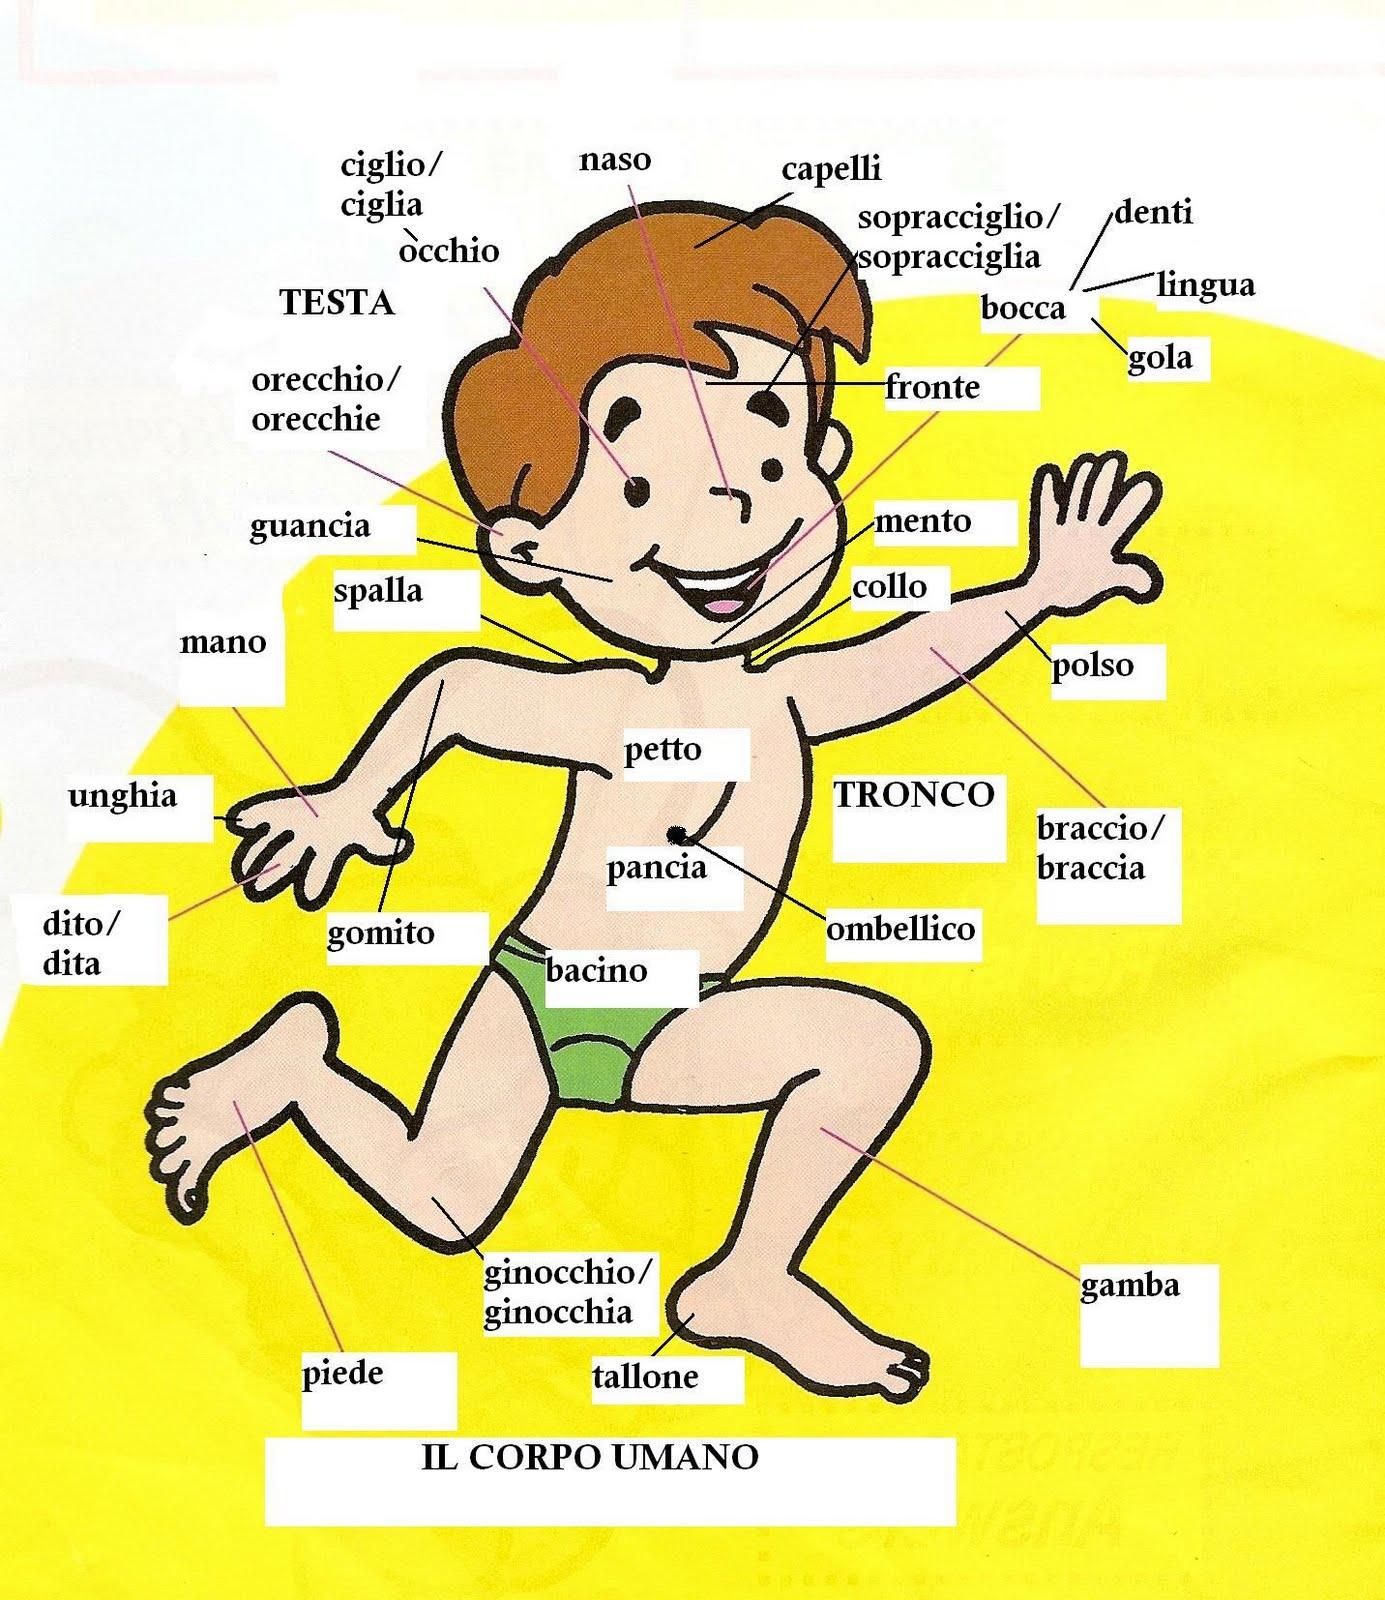 El cuerpo humano en italiano y sus sistemas - Universal de Idiomas